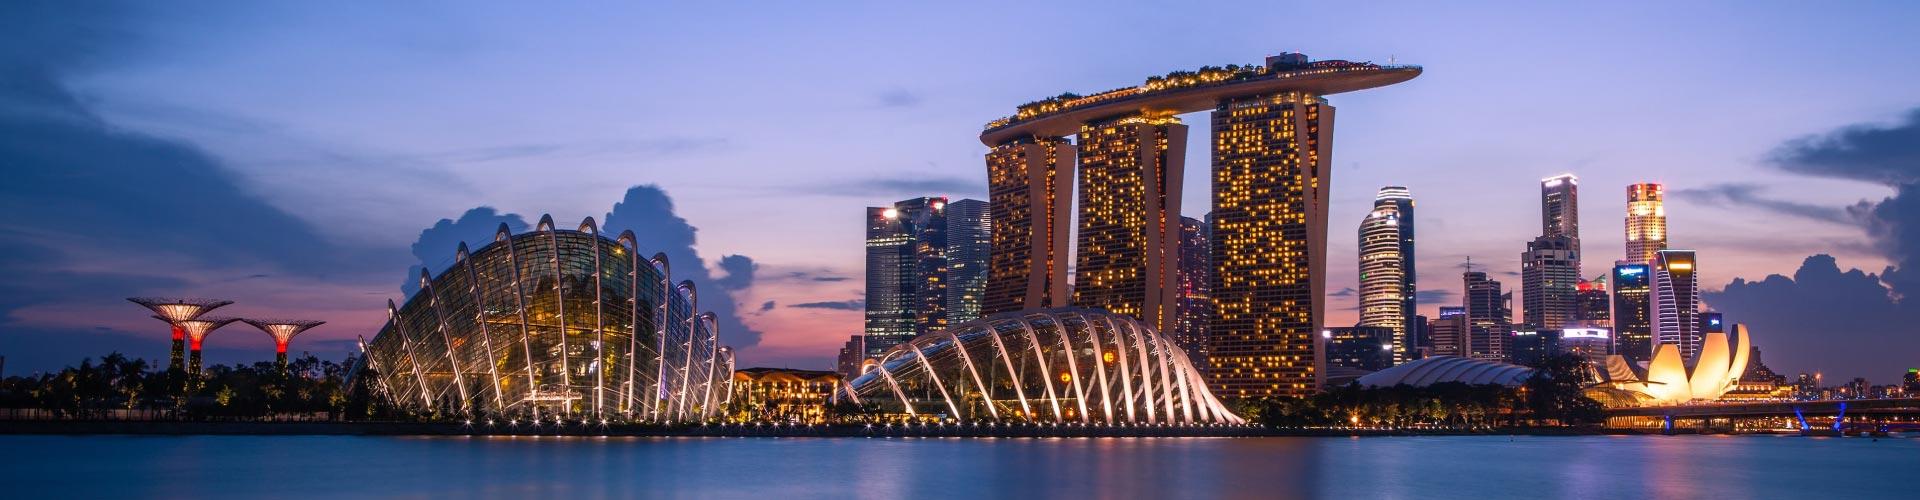 Ex Singapore